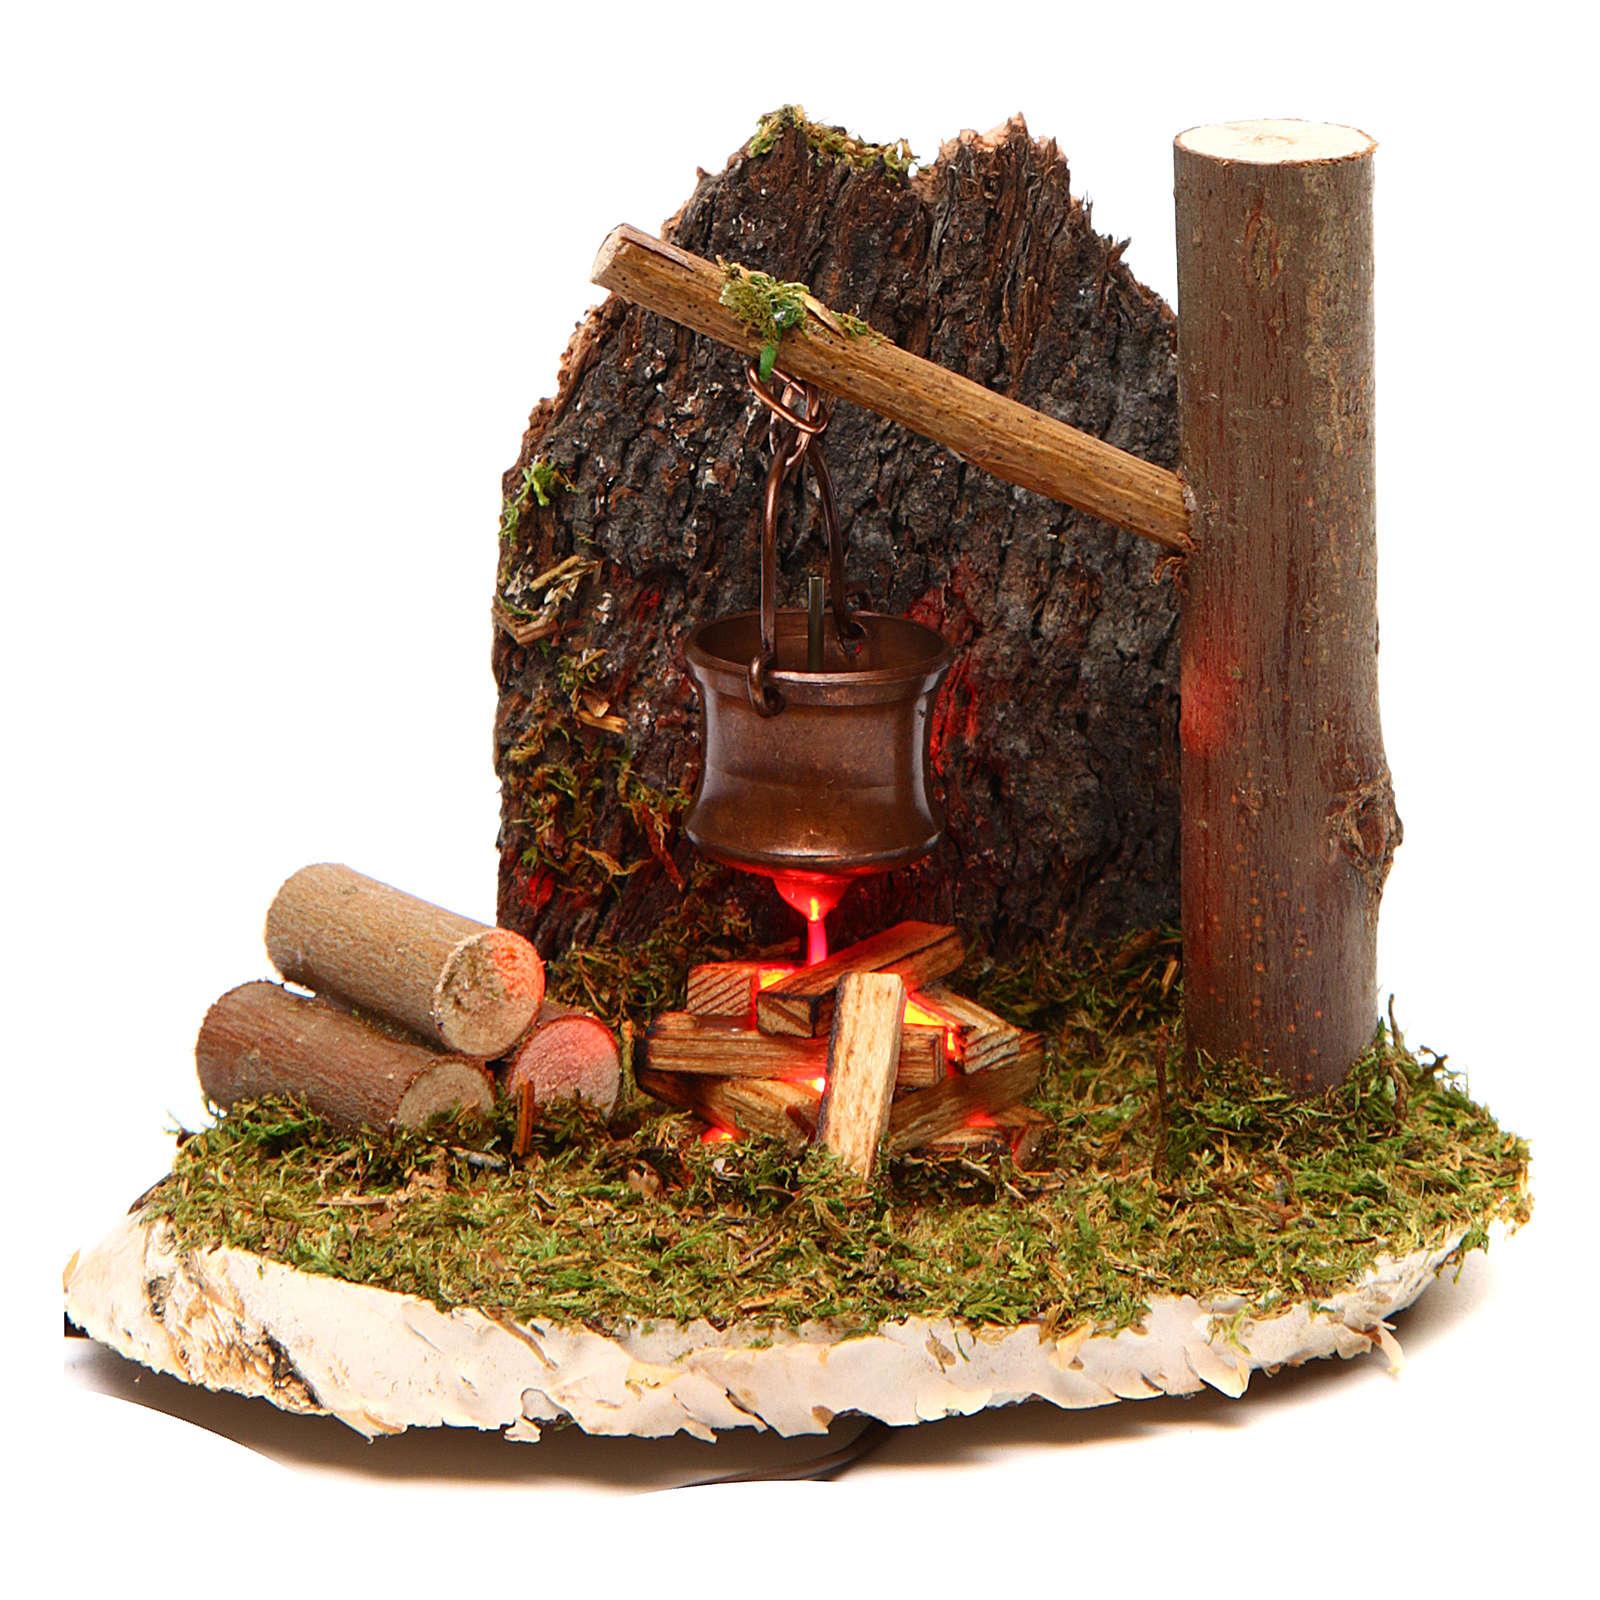 Scène casserole sur feu branche d'arbre 4,5 V 4